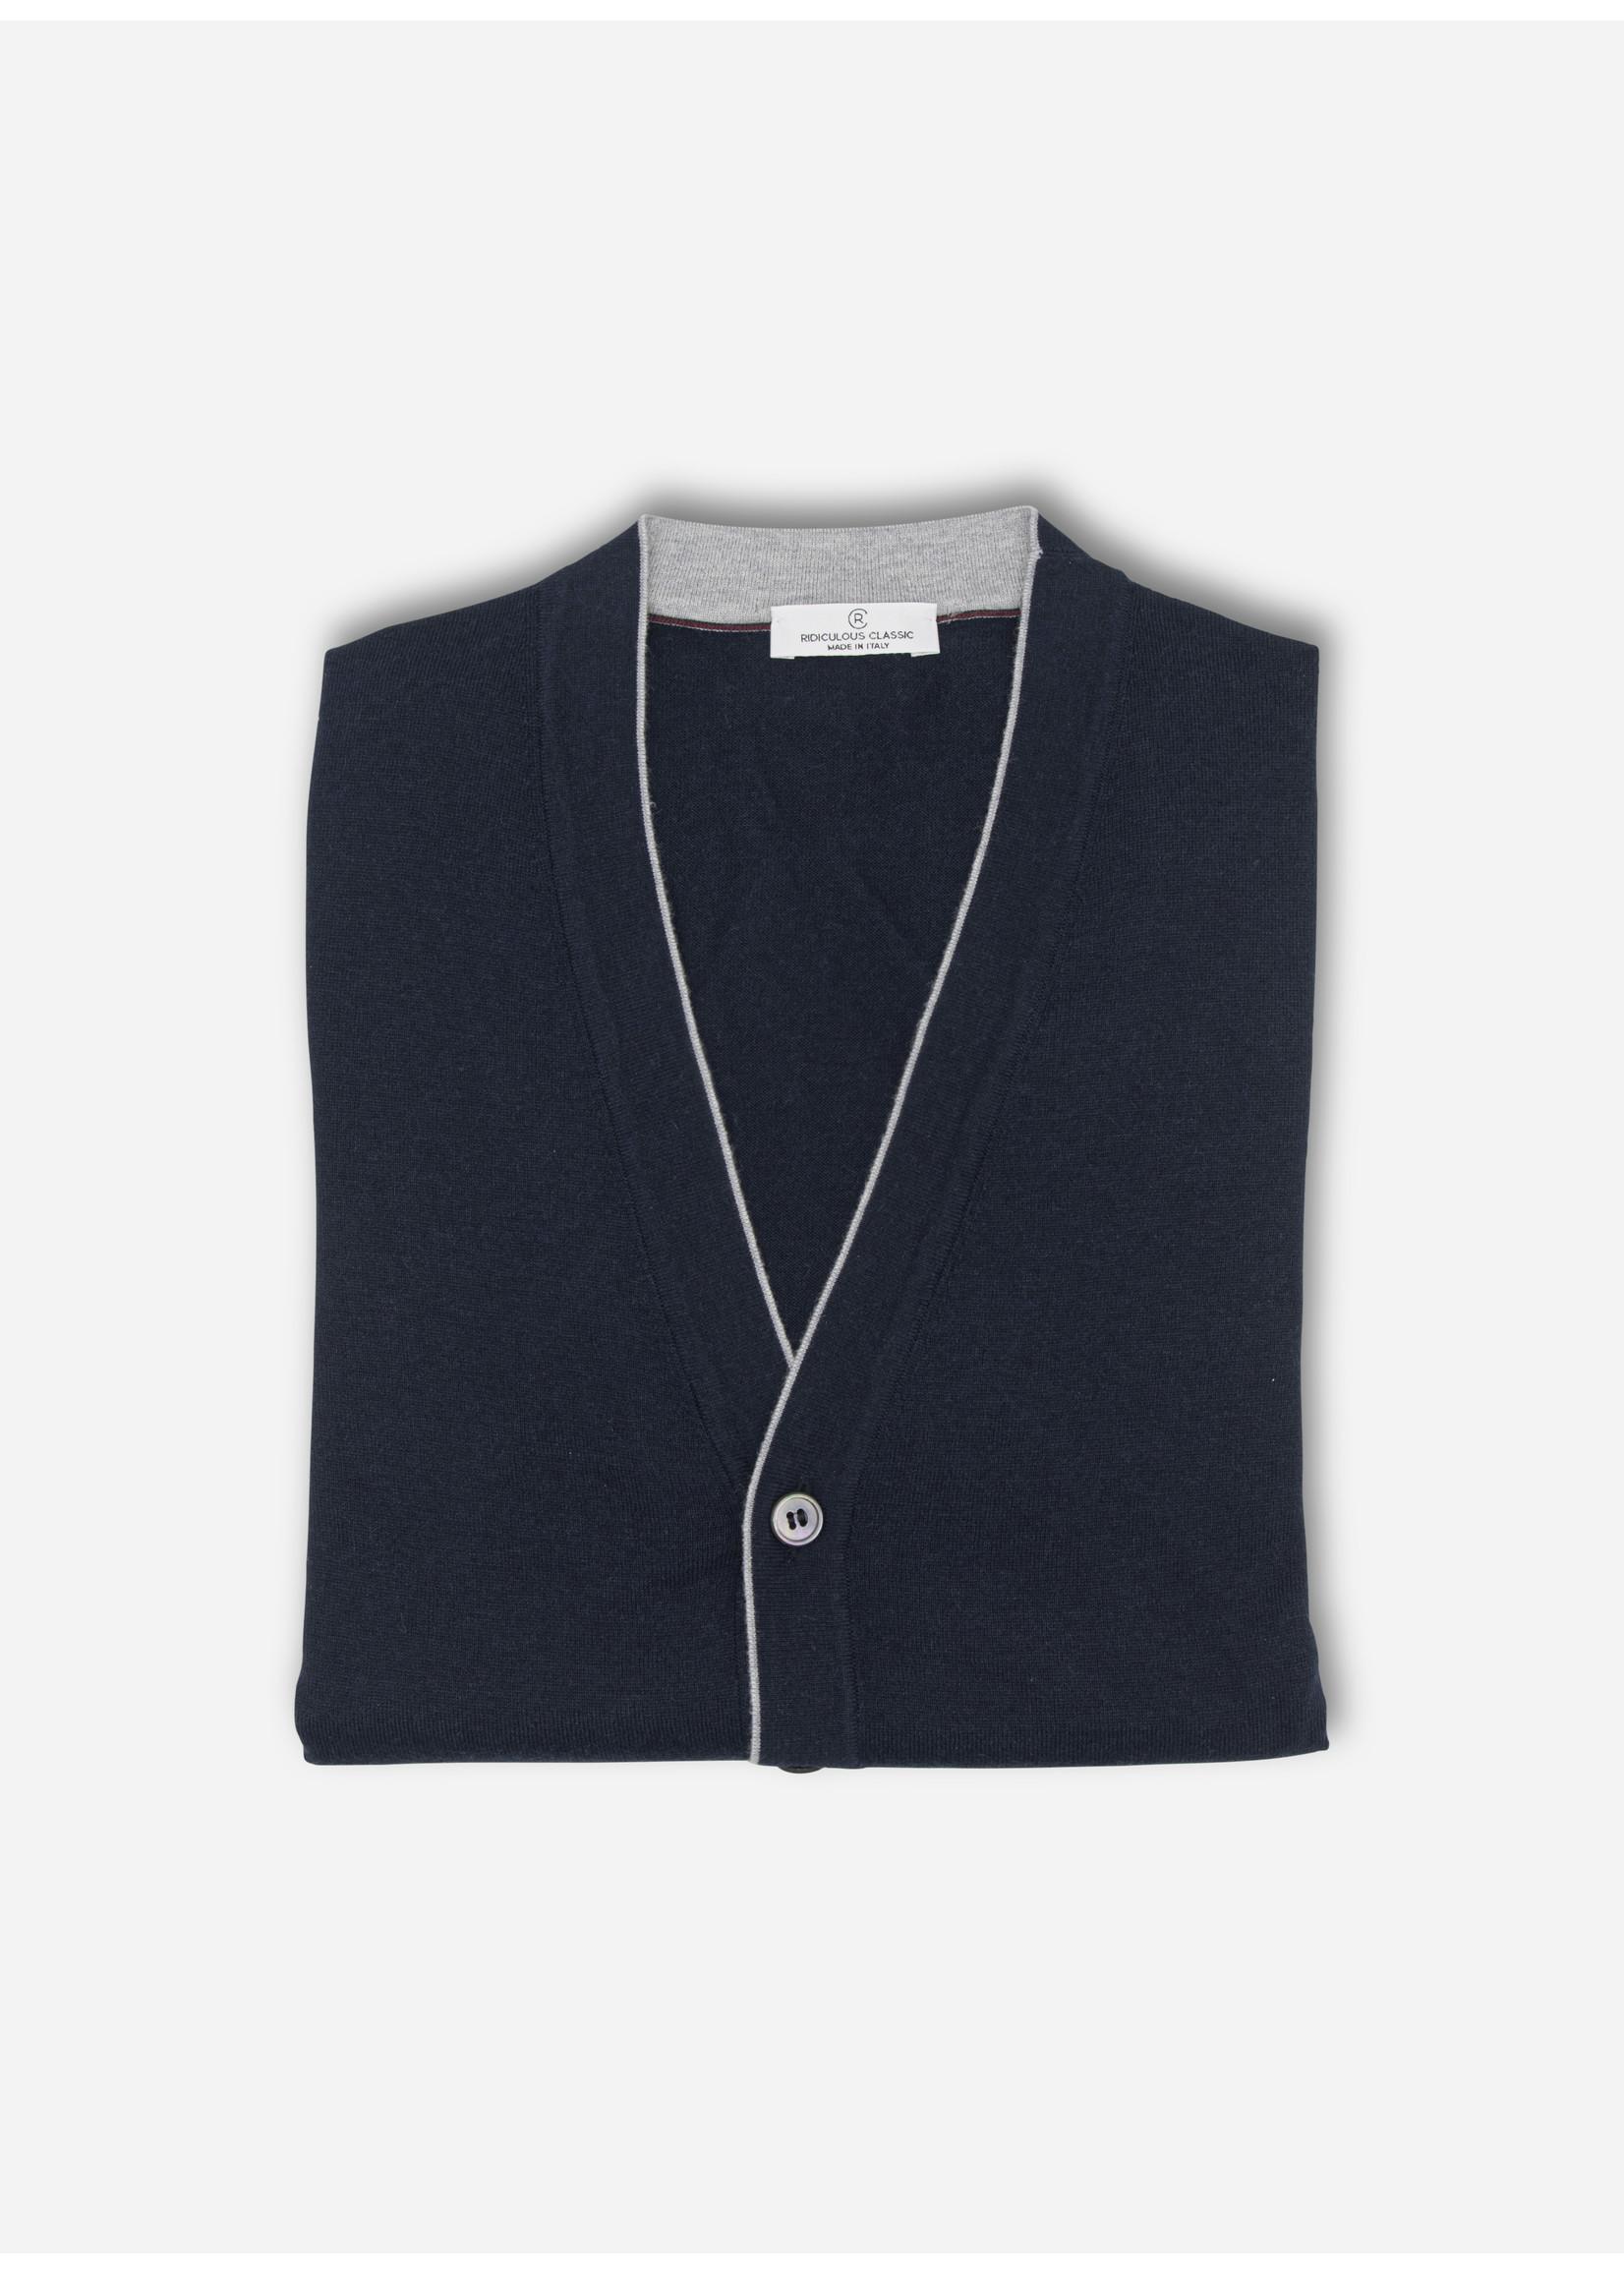 Ridiculous Classic Vest navy button